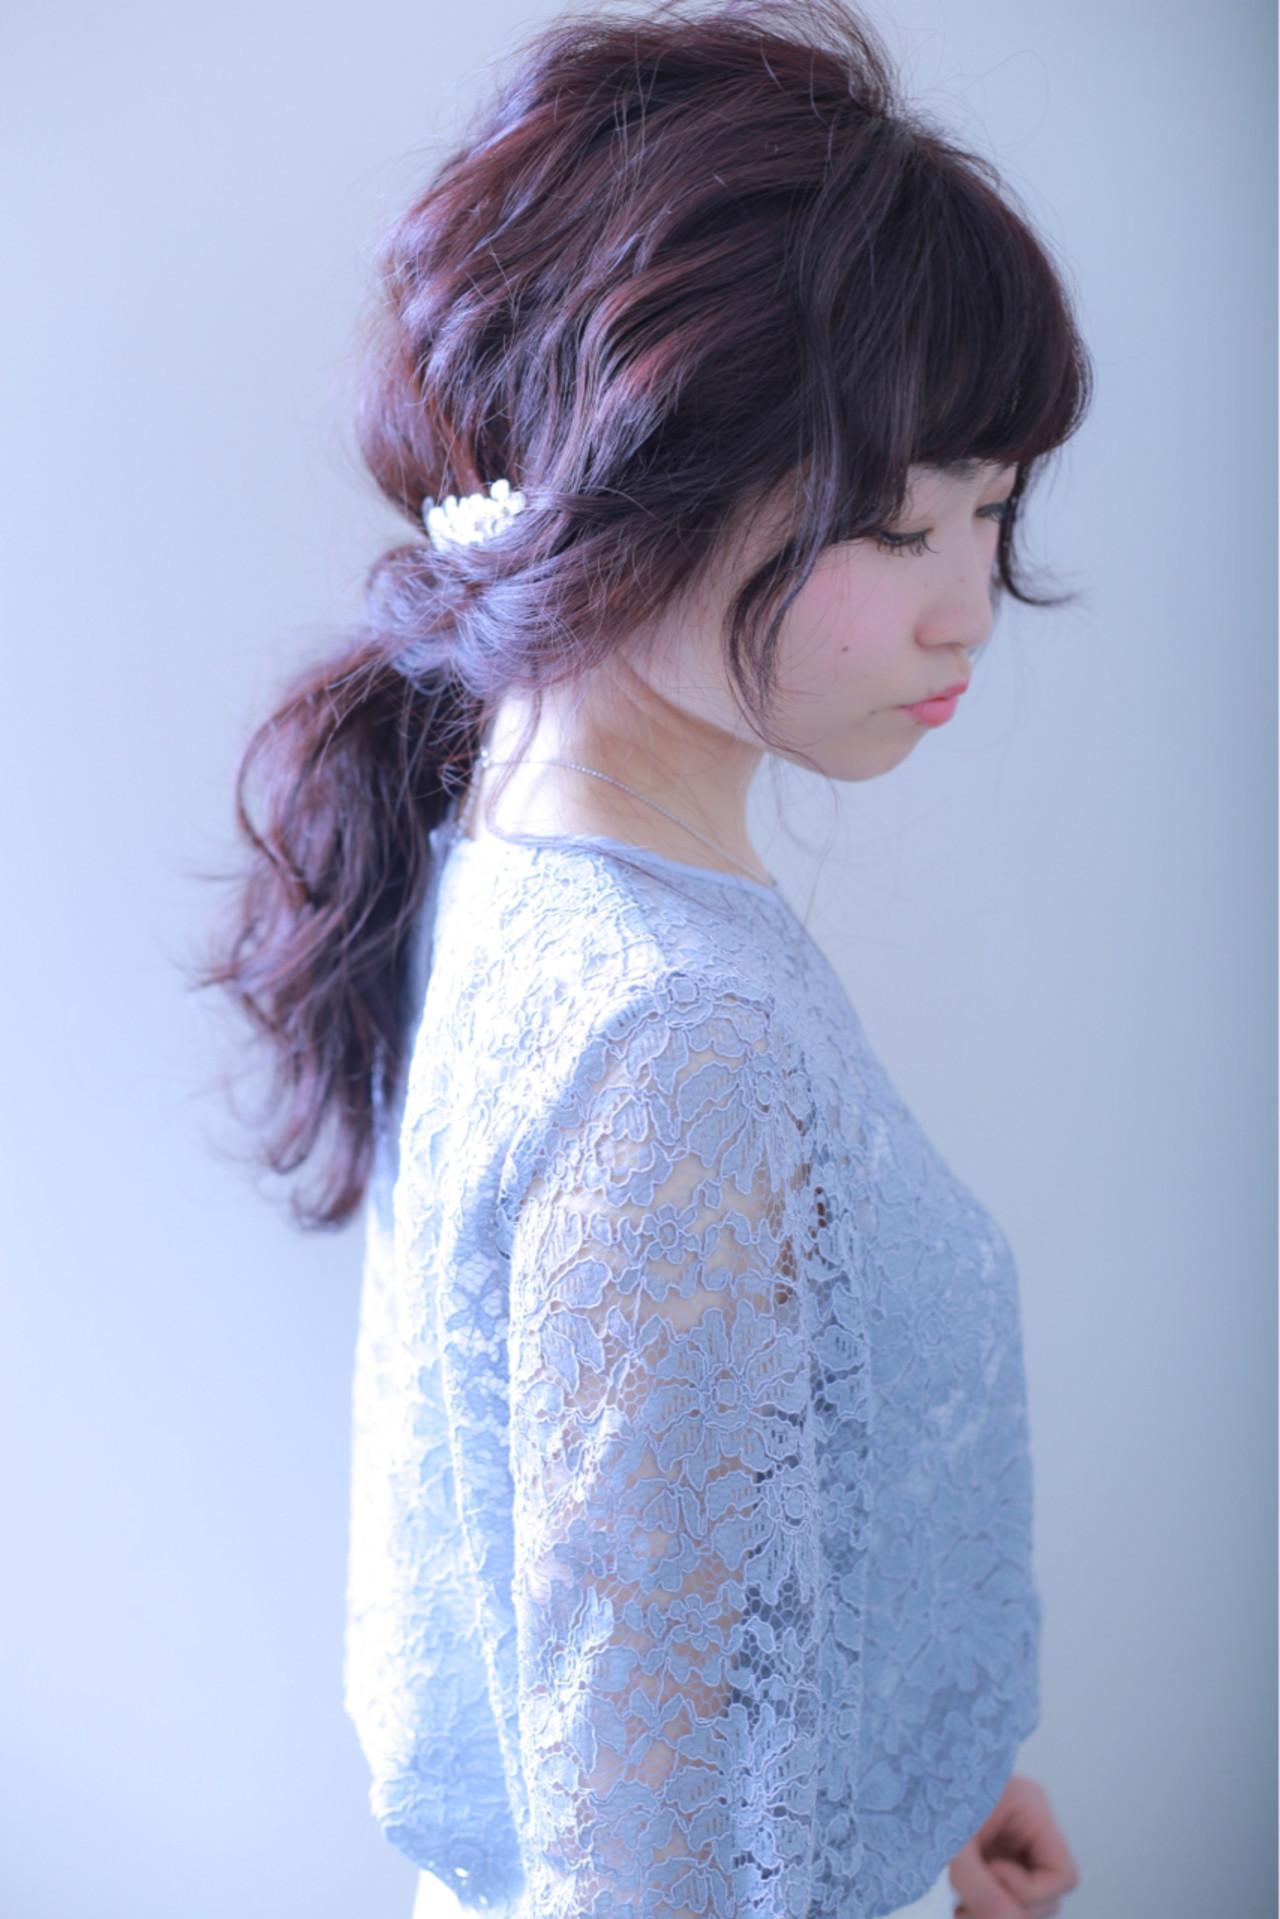 雰囲気が変わる!前髪アレンジでポニーテールをもっと可愛く見せちゃおう♪ 伊藤 裕貴  e-style上小田井店